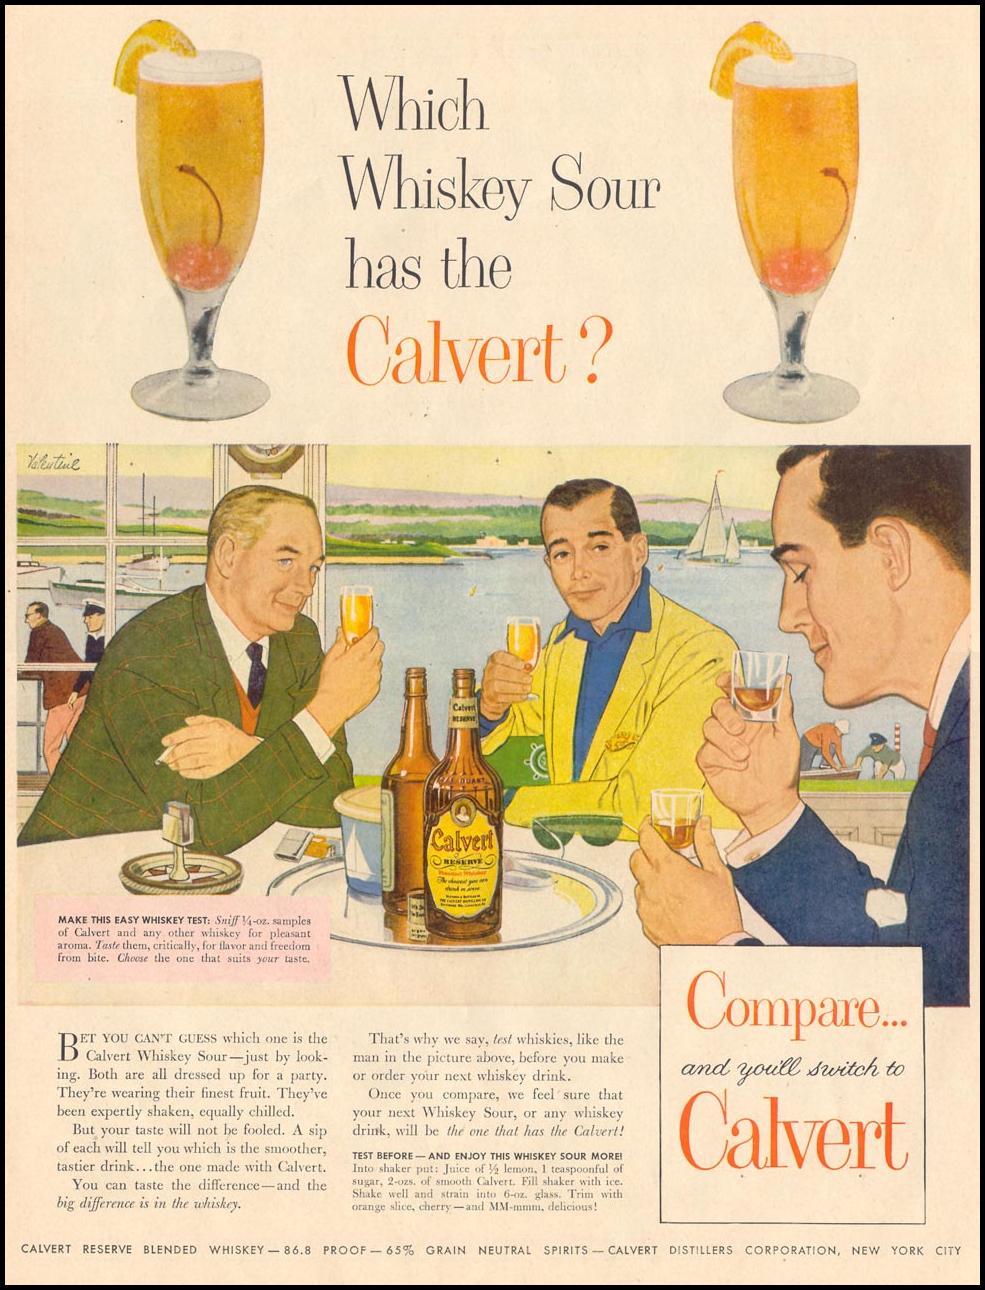 CALVERT RESERVE BLENDED WHISKEY LIFE 09/07/1953 p. 76